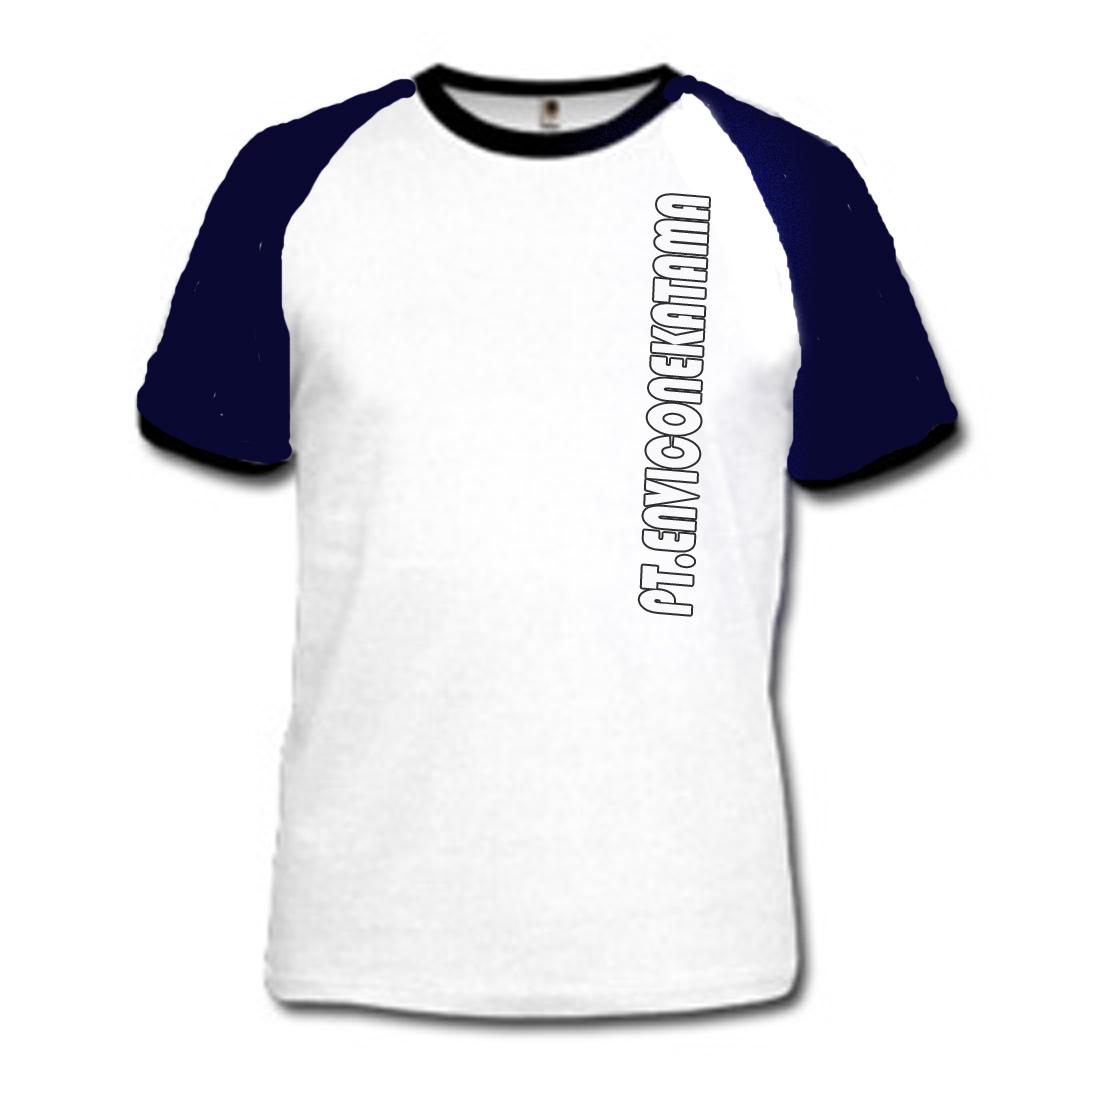 Contoh design t shirt family day - Kaos Murah